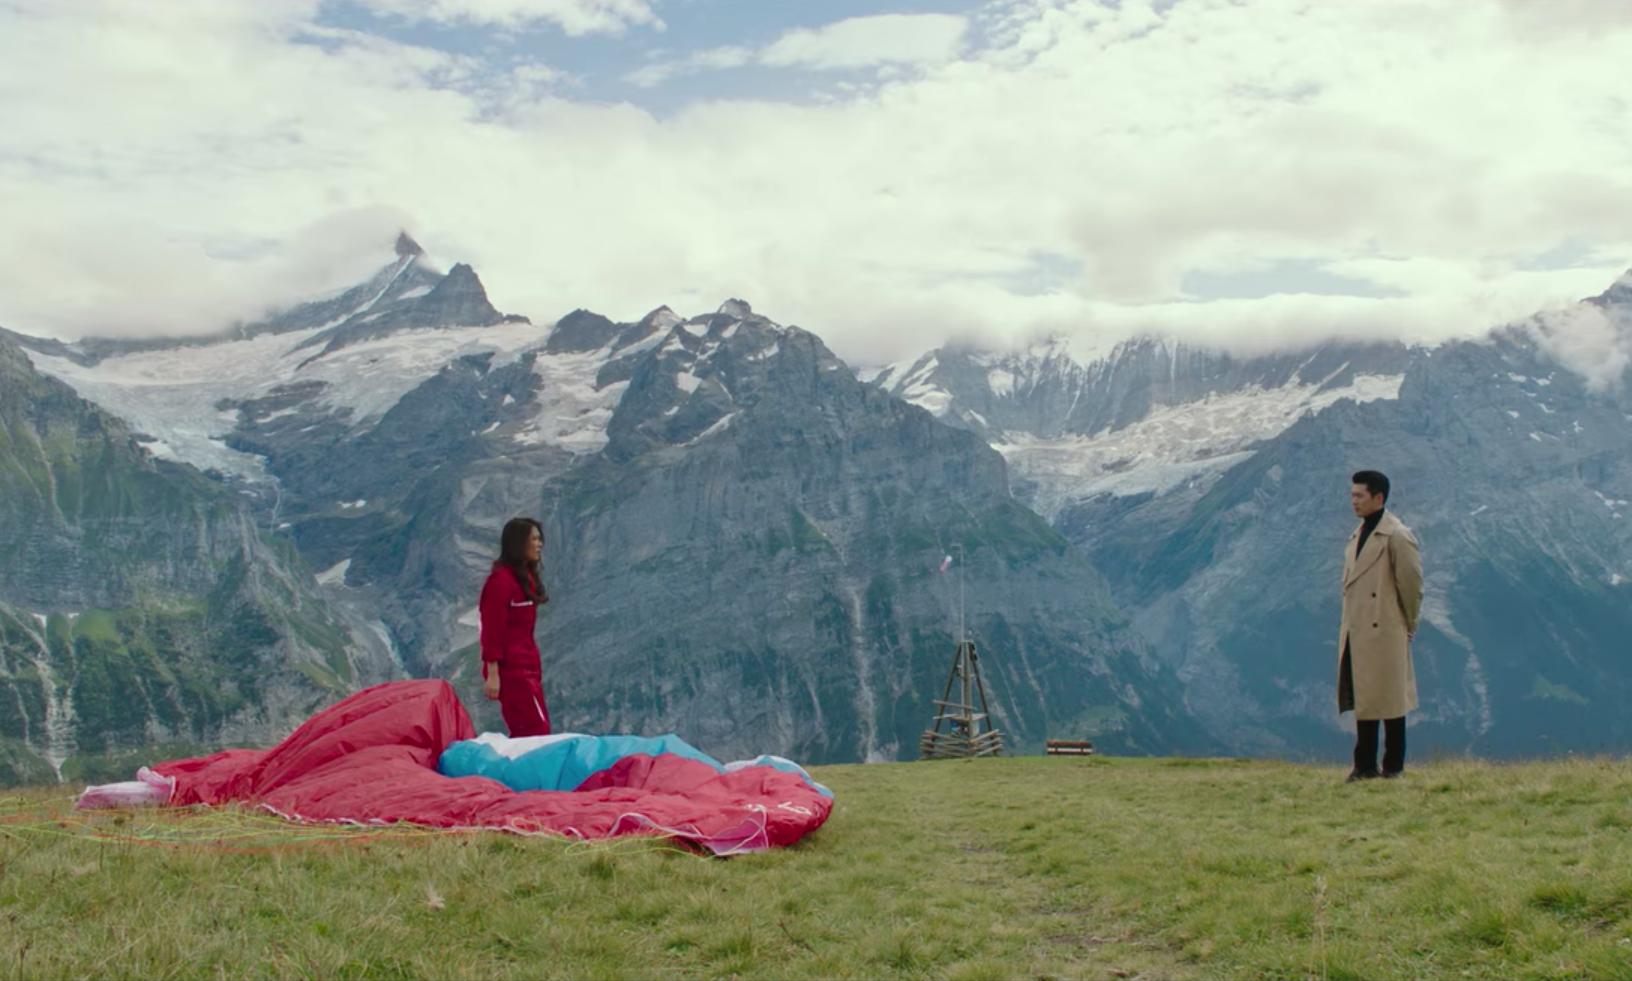 First Flieger, Grindelwald. Photo: Netflix